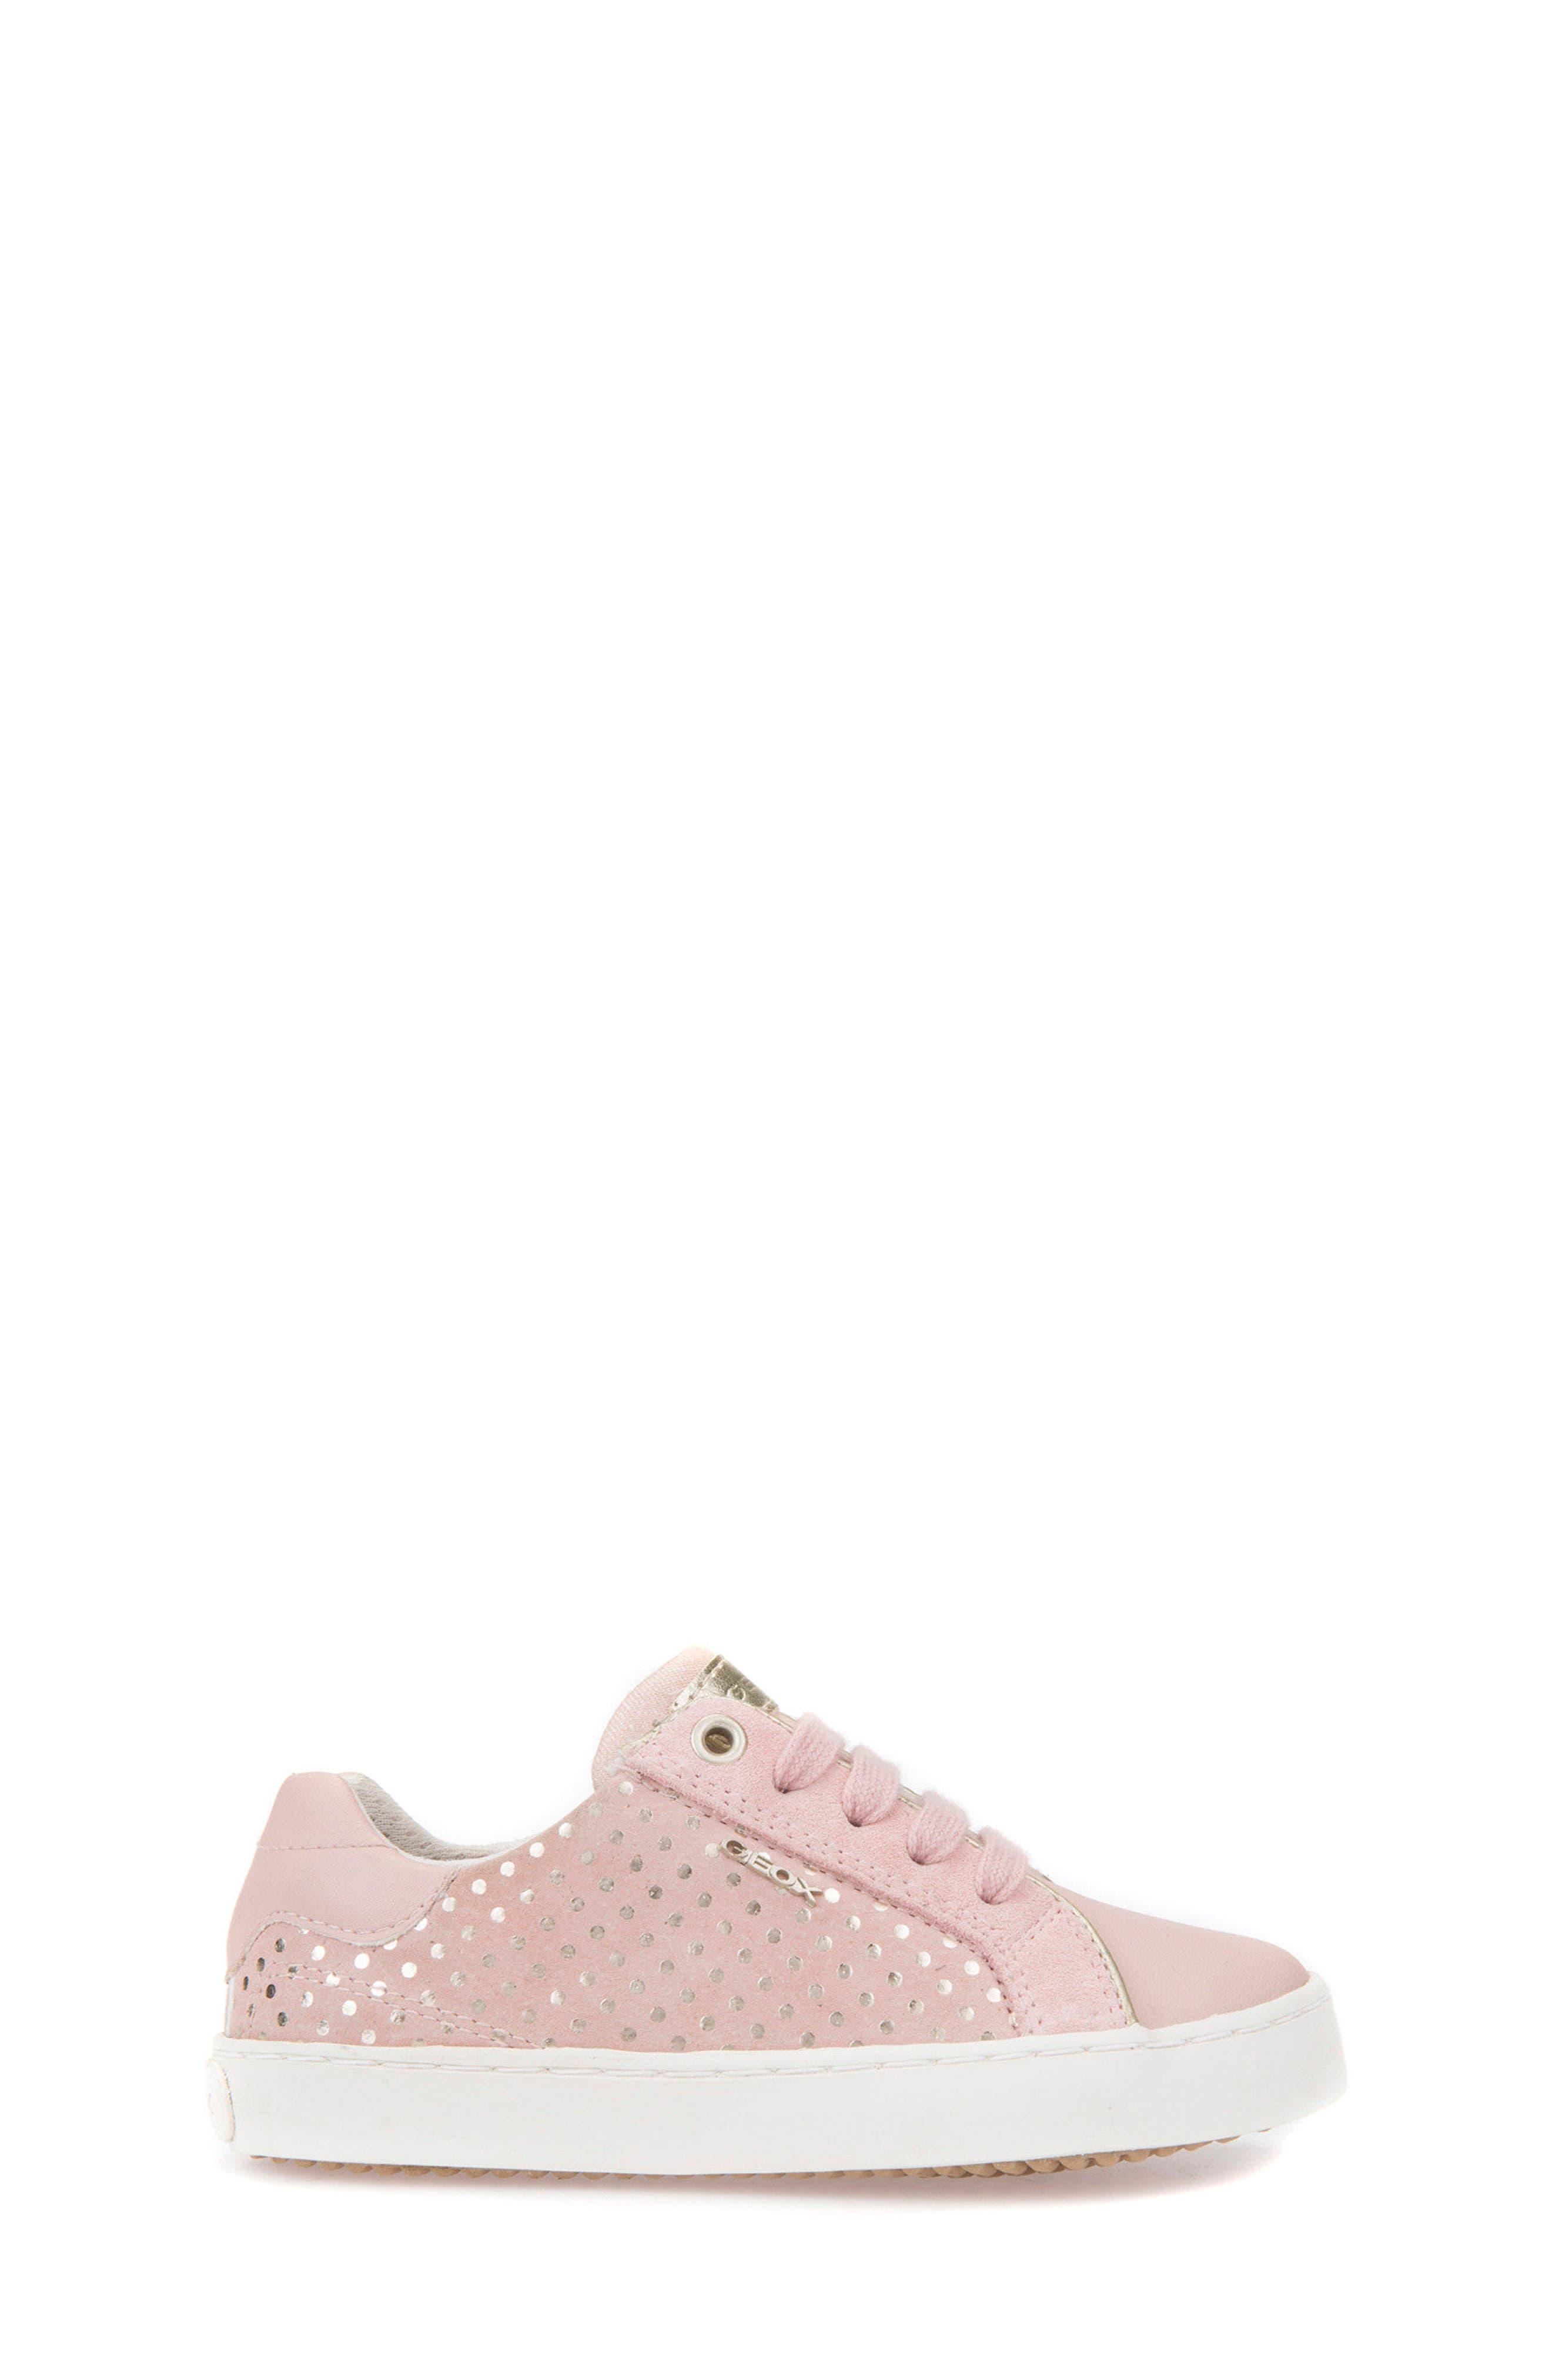 Kilwi Low Top Sneaker,                             Alternate thumbnail 3, color,                             Rose